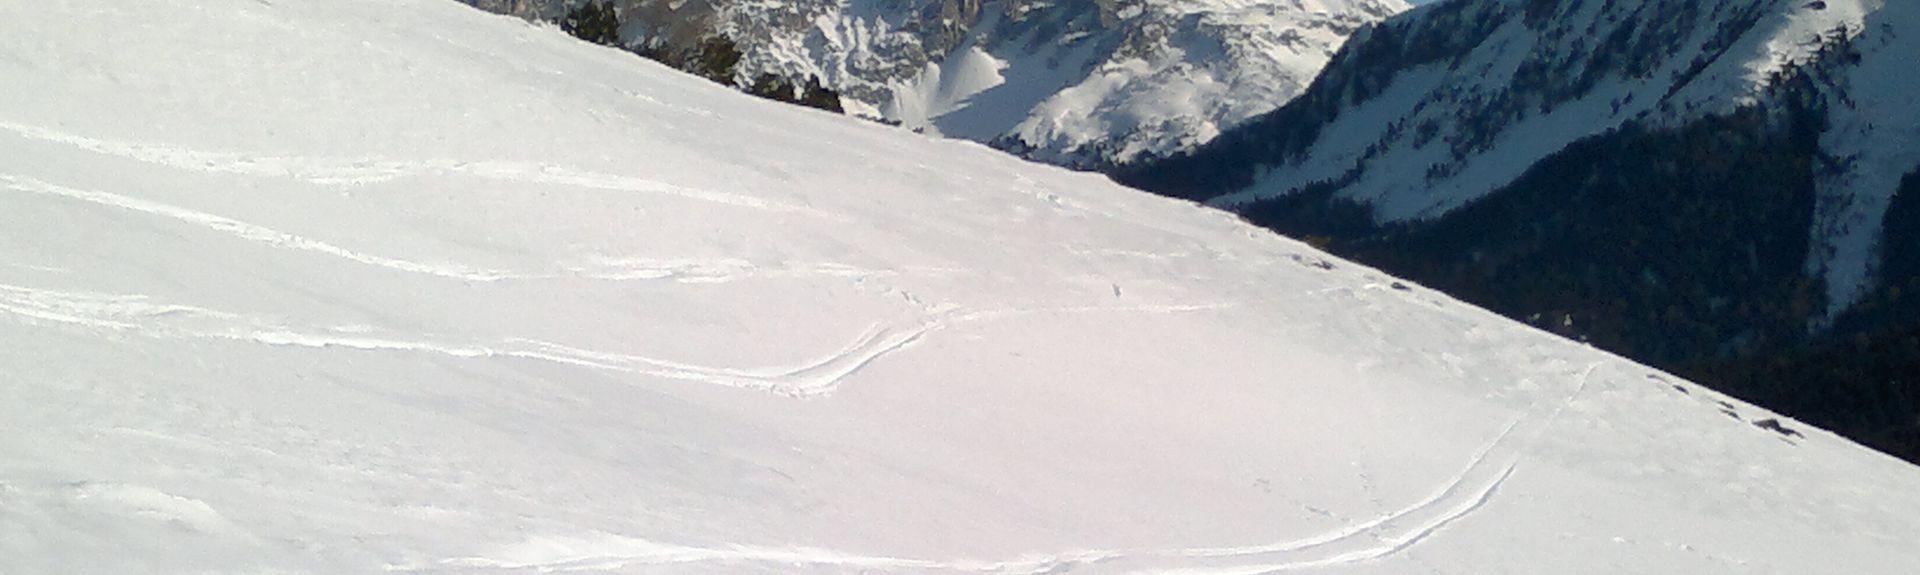 Lago di Fiè, Fie allo Sciliar, Trentino-Zuid-Tirol, Italië